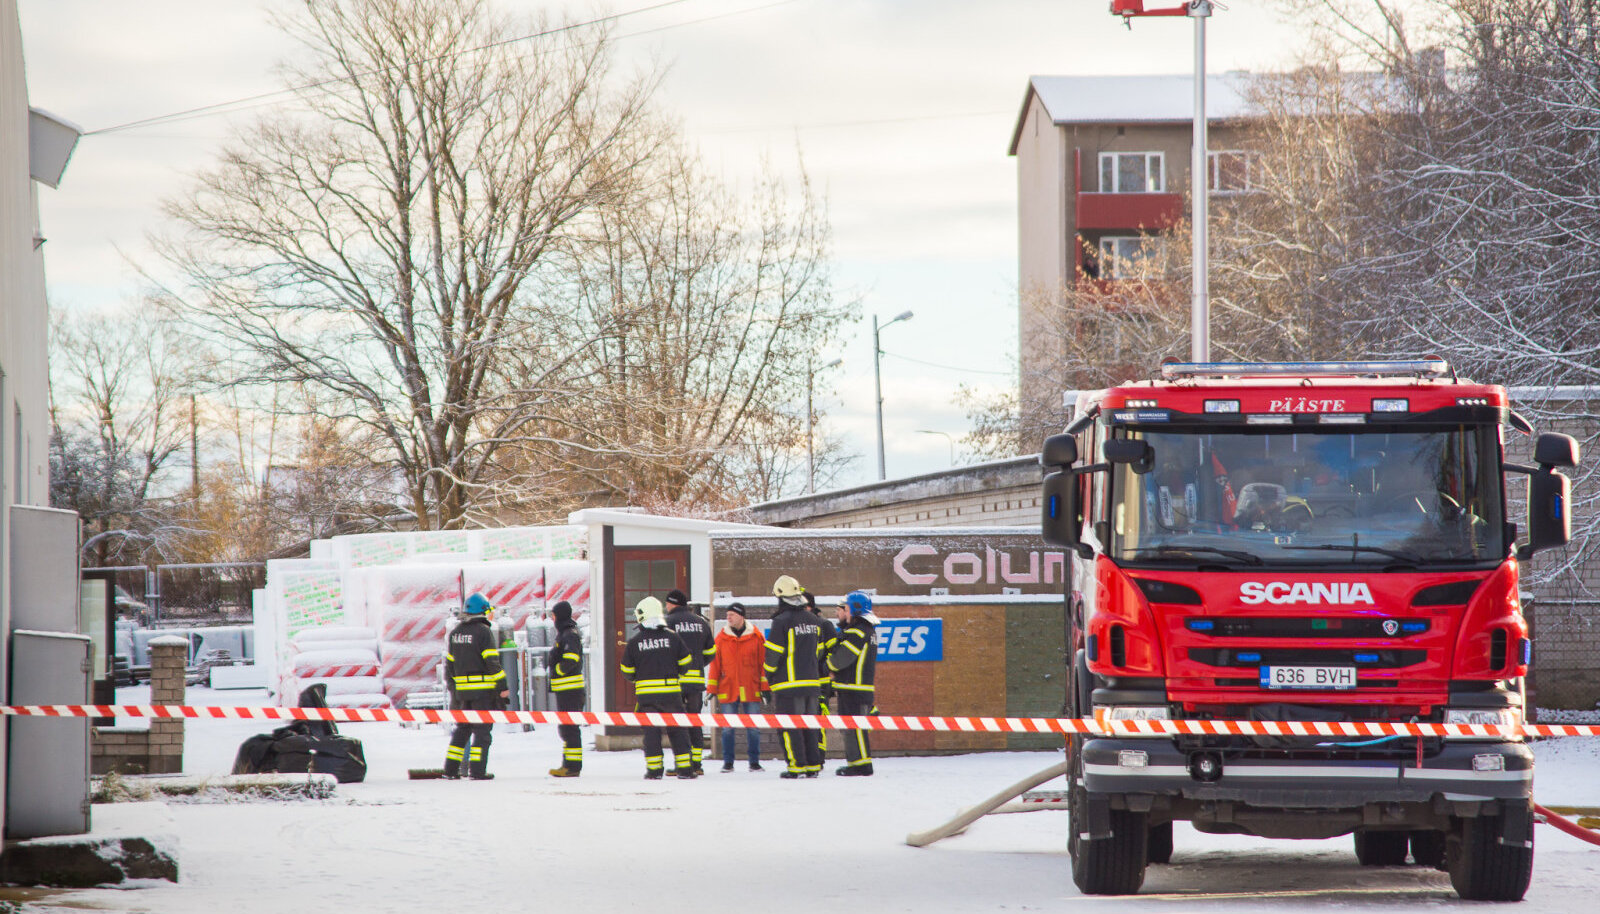 Sporrongis toimunud väävelhappe keemilisele reostusele reageerisid Kihelkonna ja Orissaare põhiauto, Kuressaare põhi- ja paakauto ning Pärnu põhiauto ja keemiapäästevõimekusega haagis.